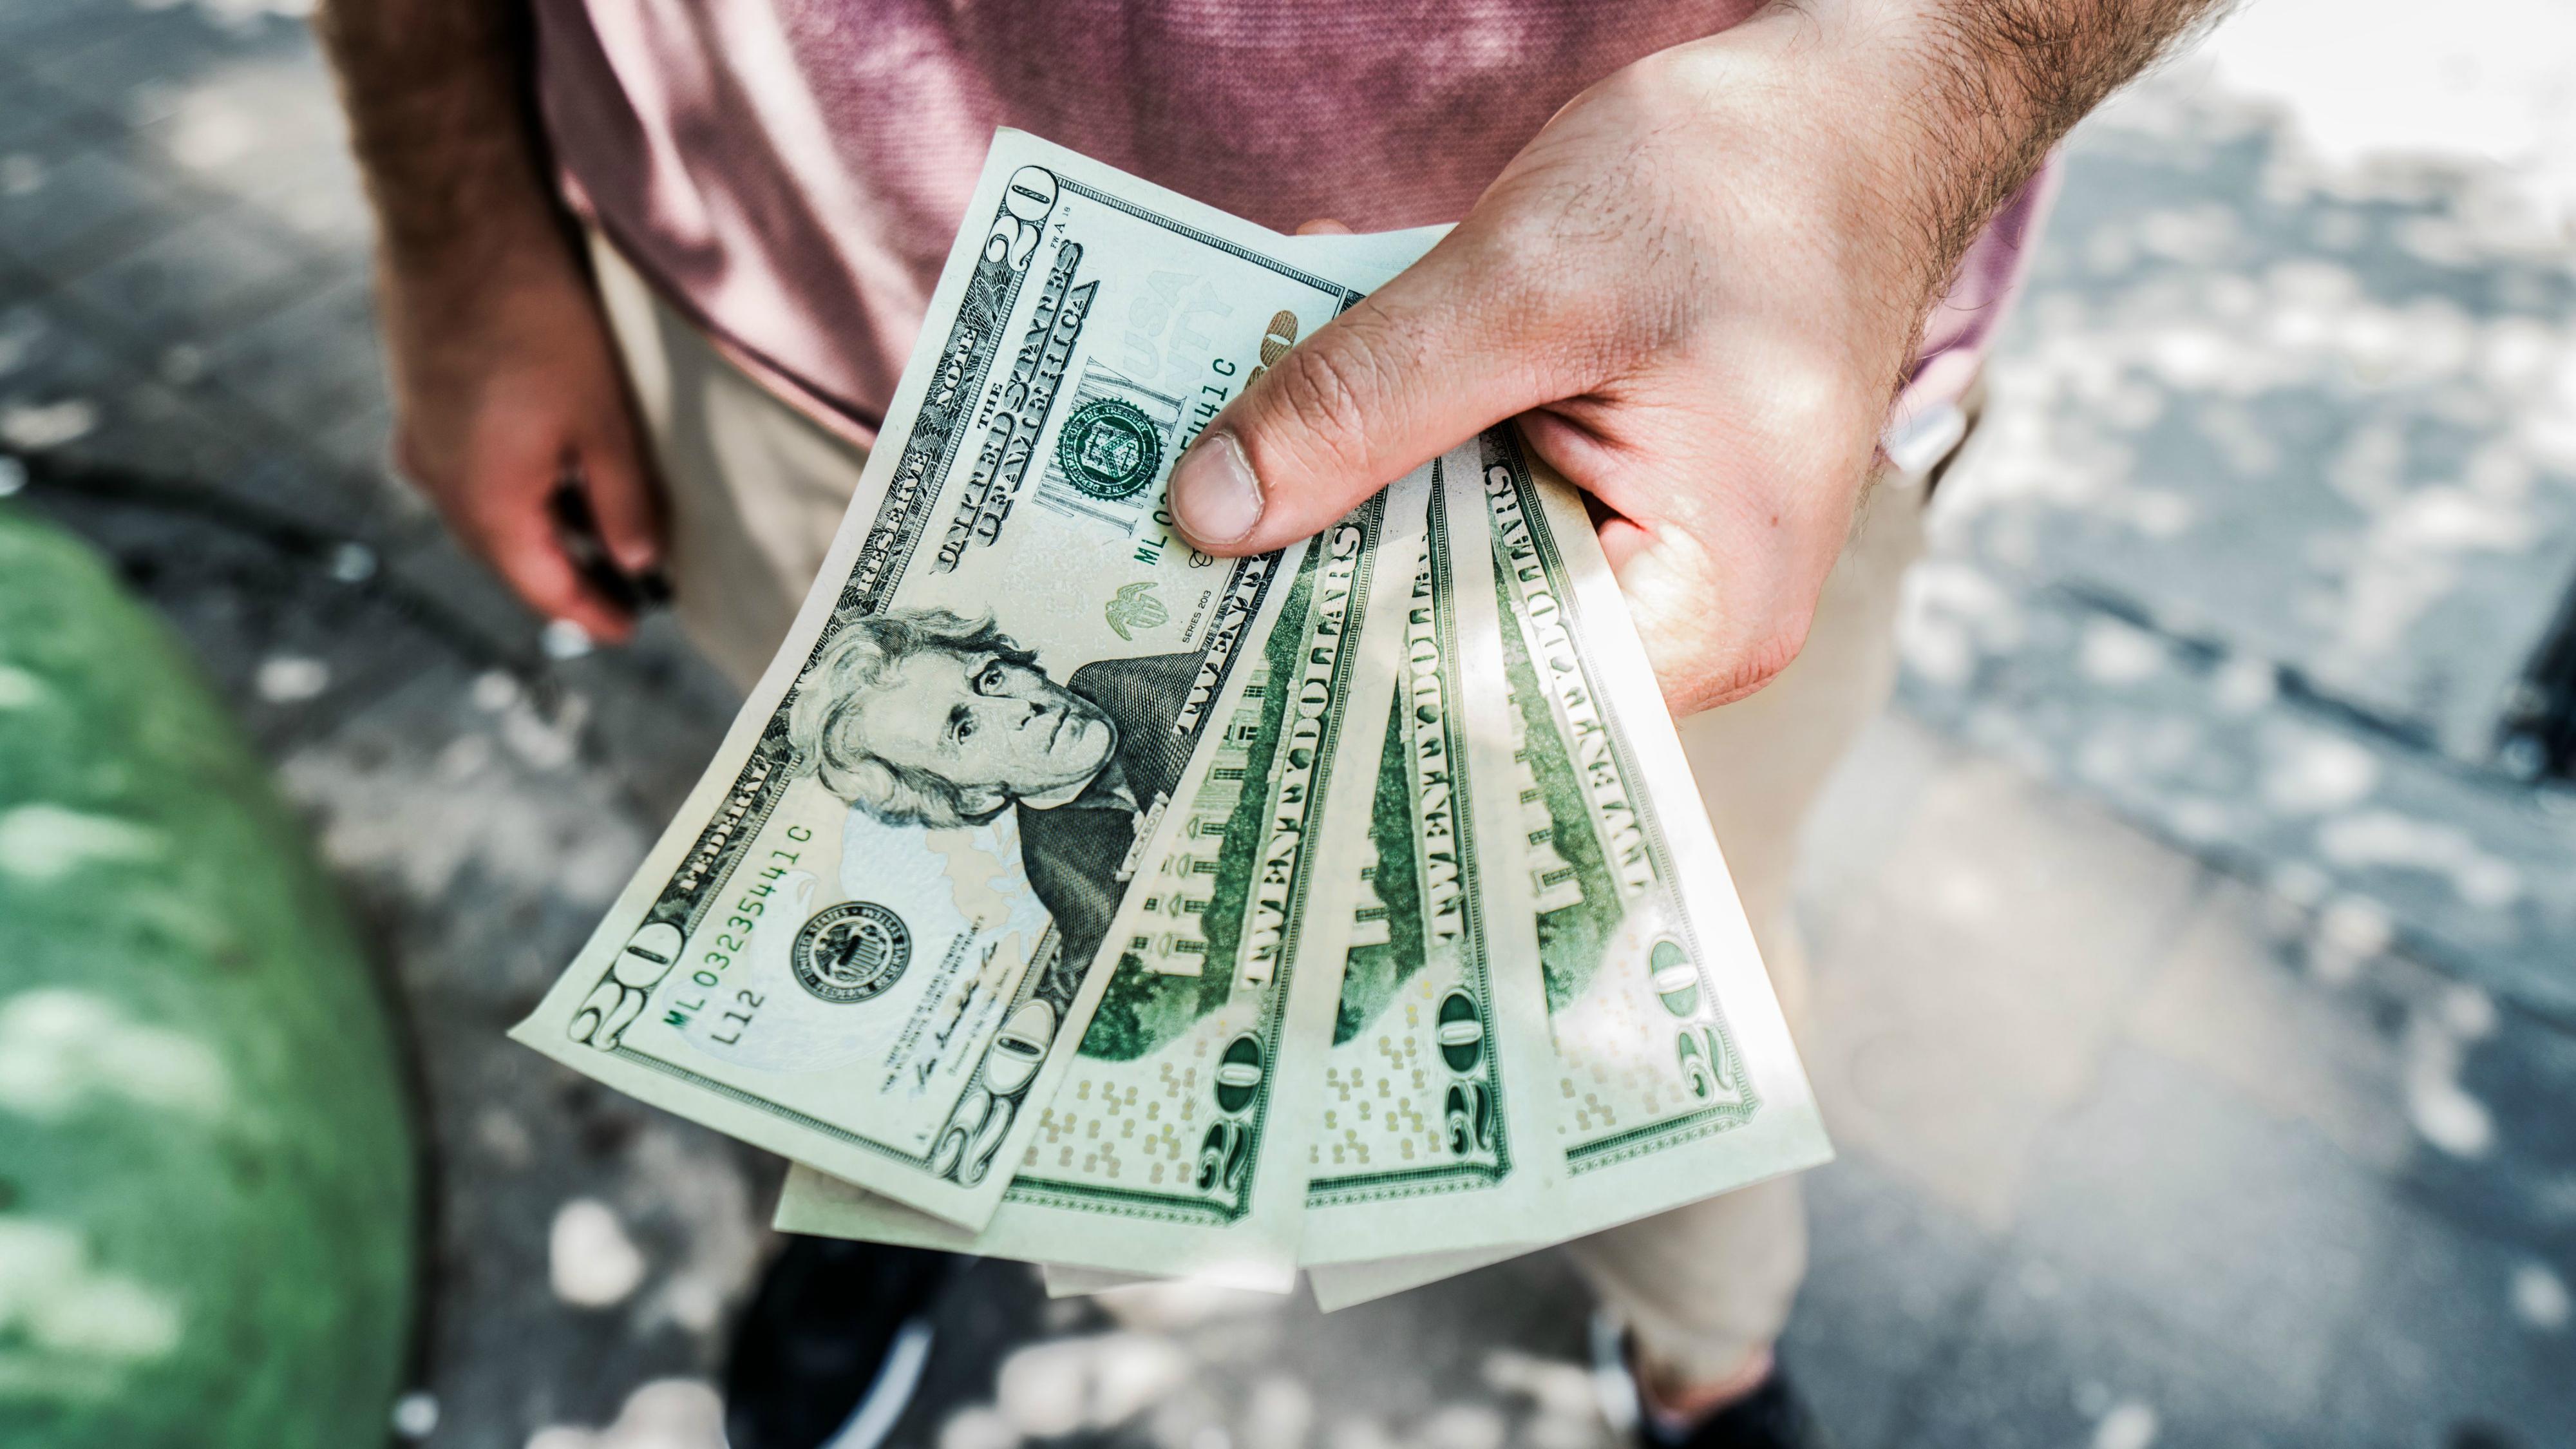 atrast veidu, kā ātri nopelnīt naudu)